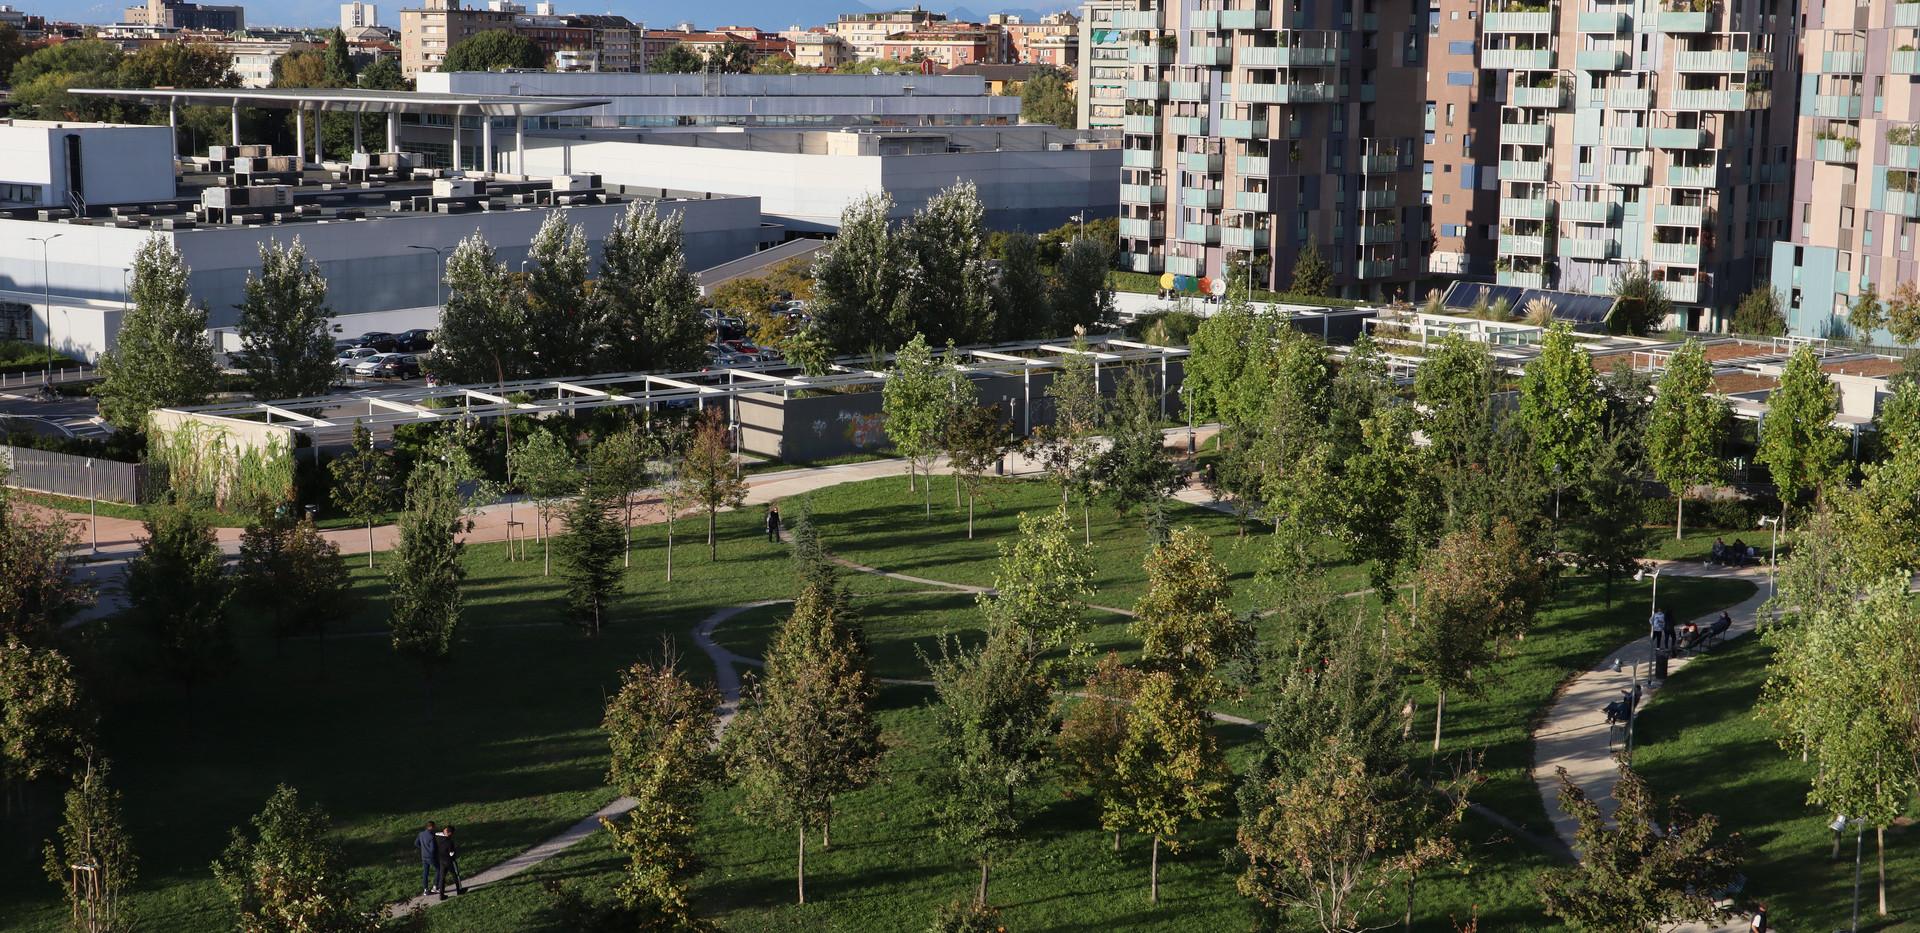 Cerchio Parco Industria Alfa Romeo 05